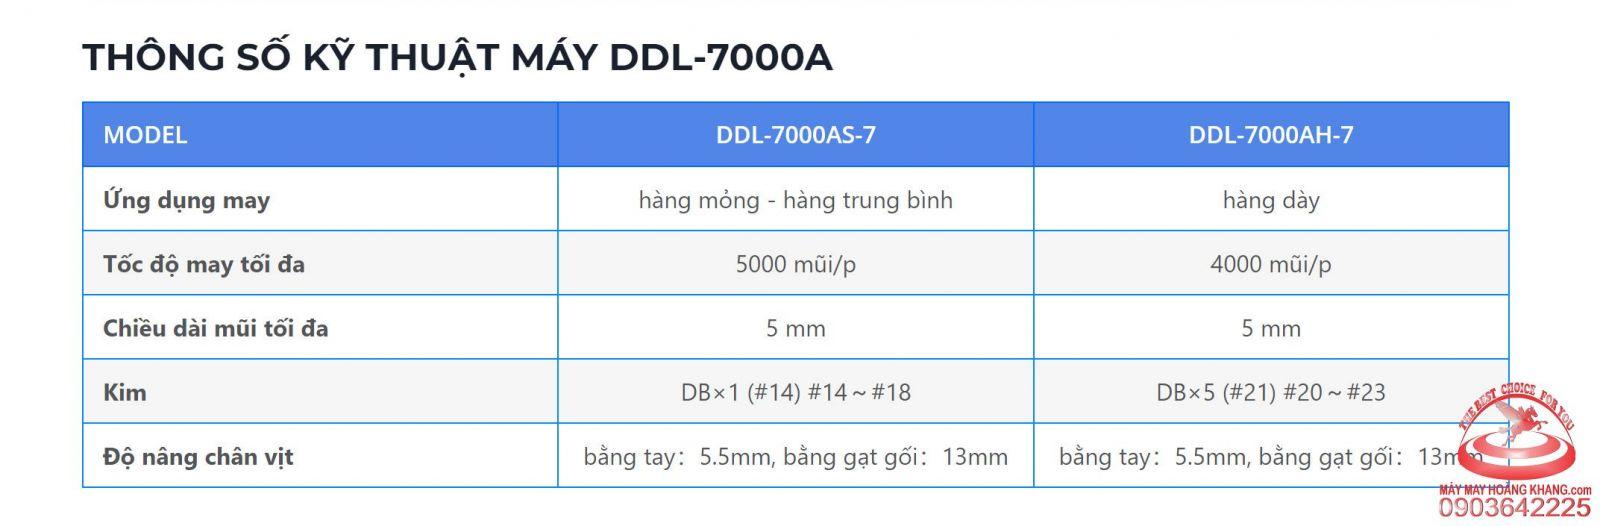 Juki DDL-7000A